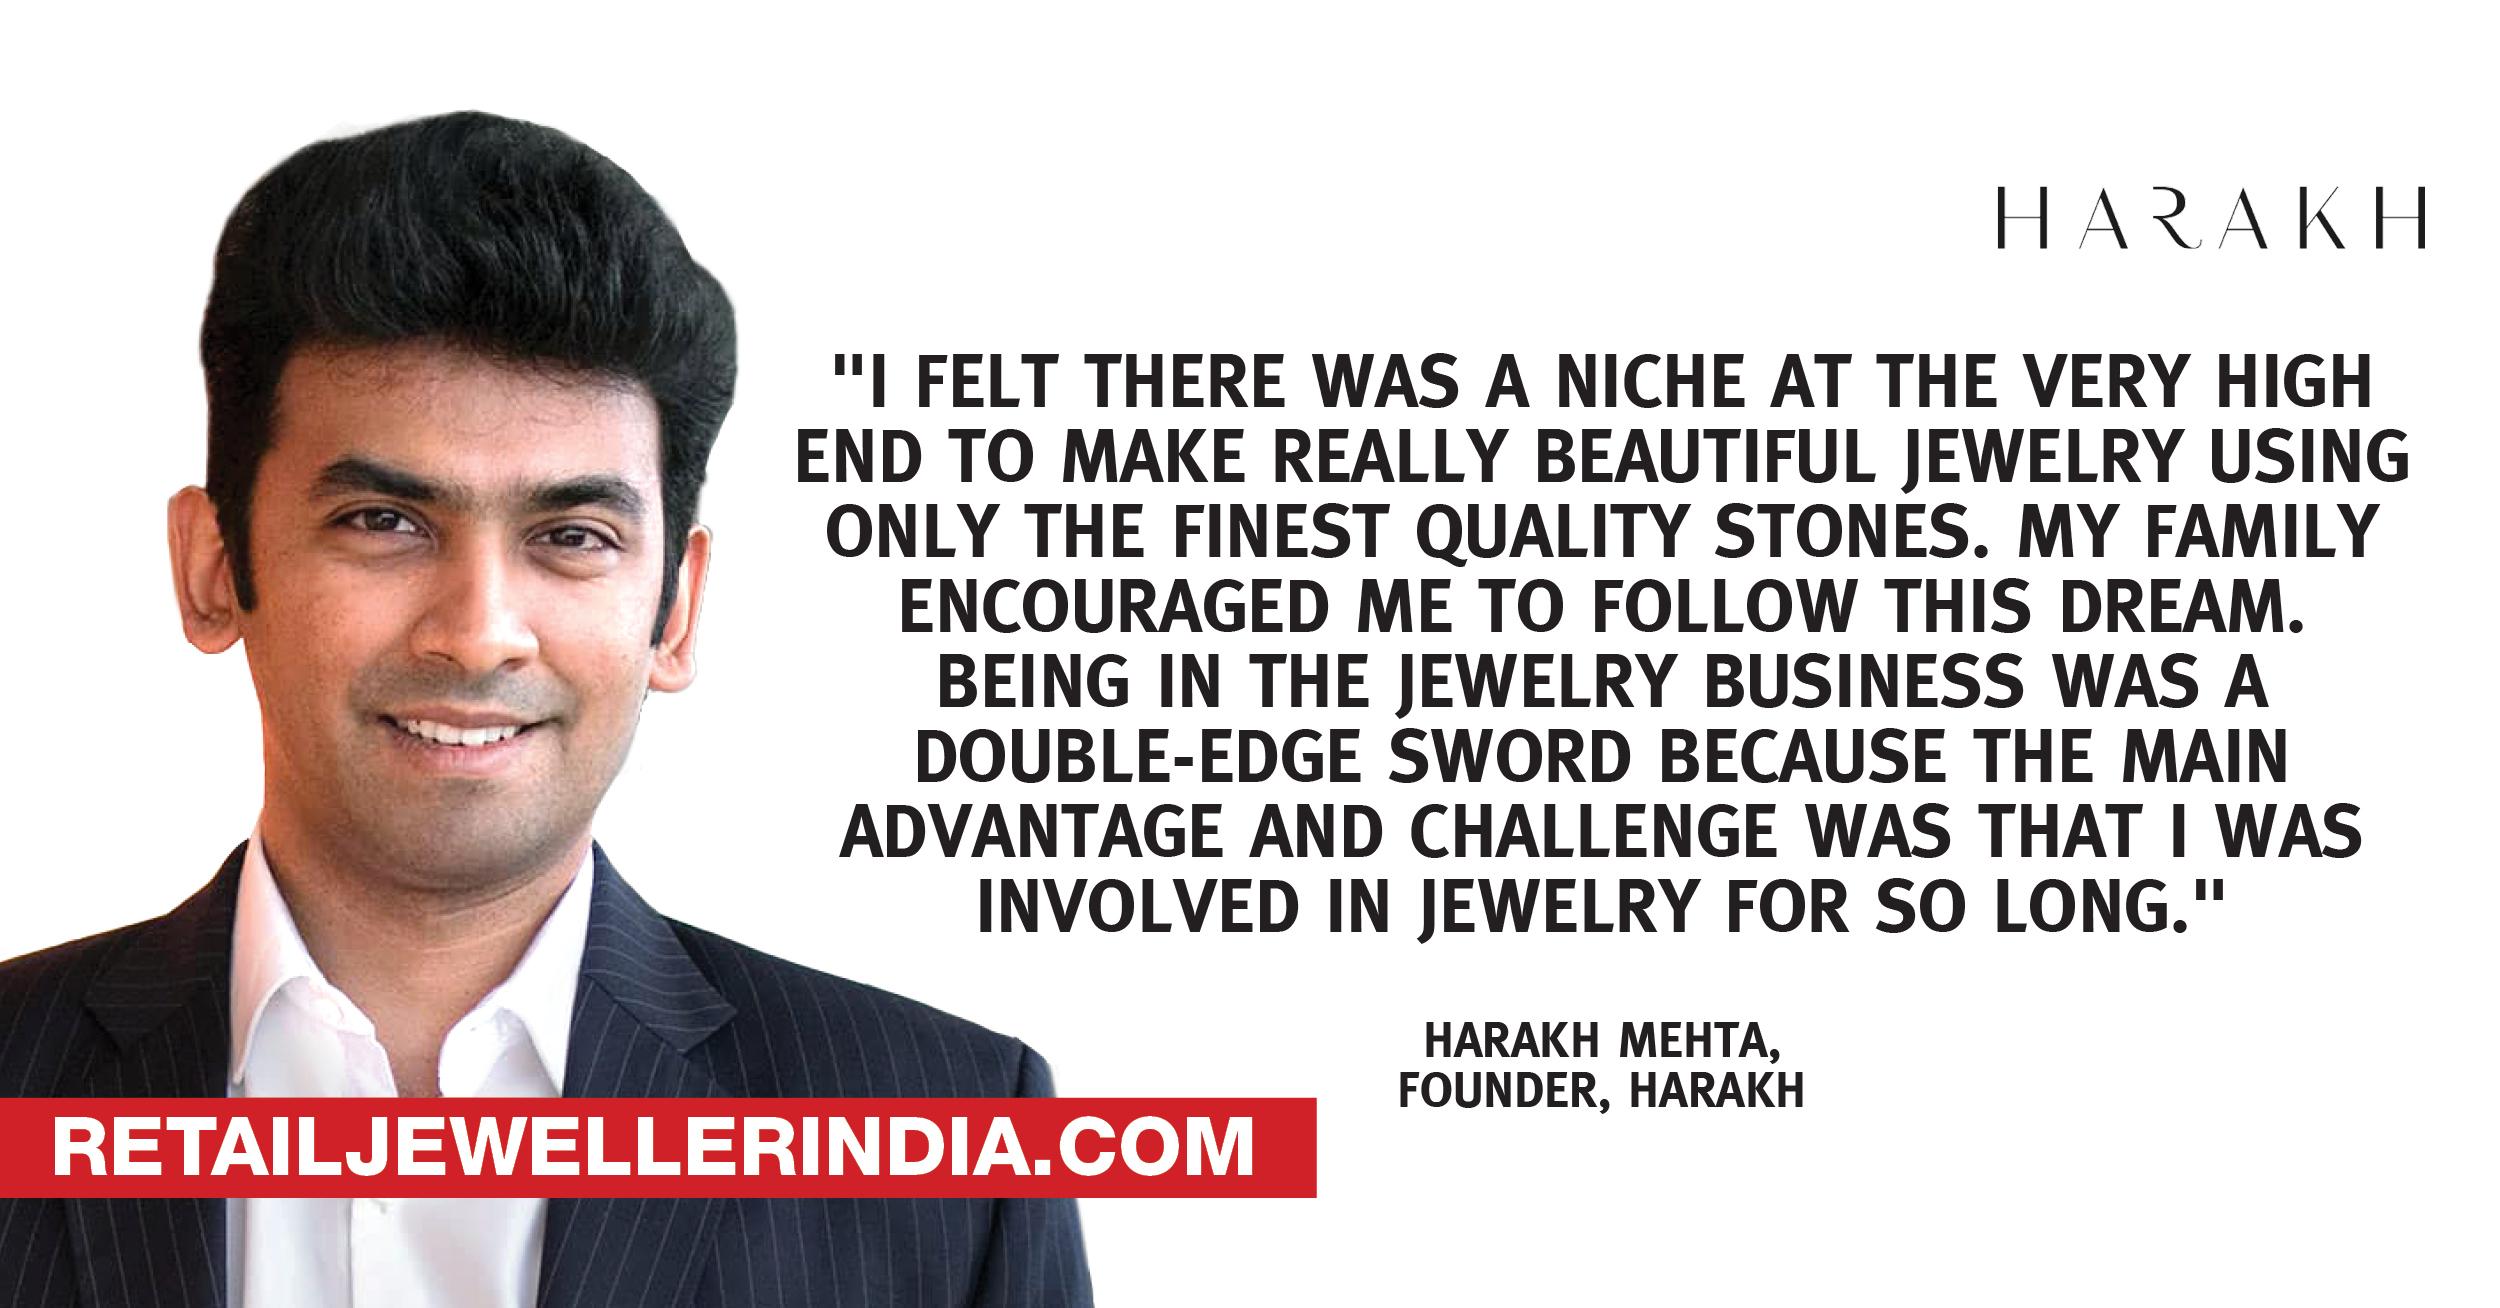 Harakh Mehta